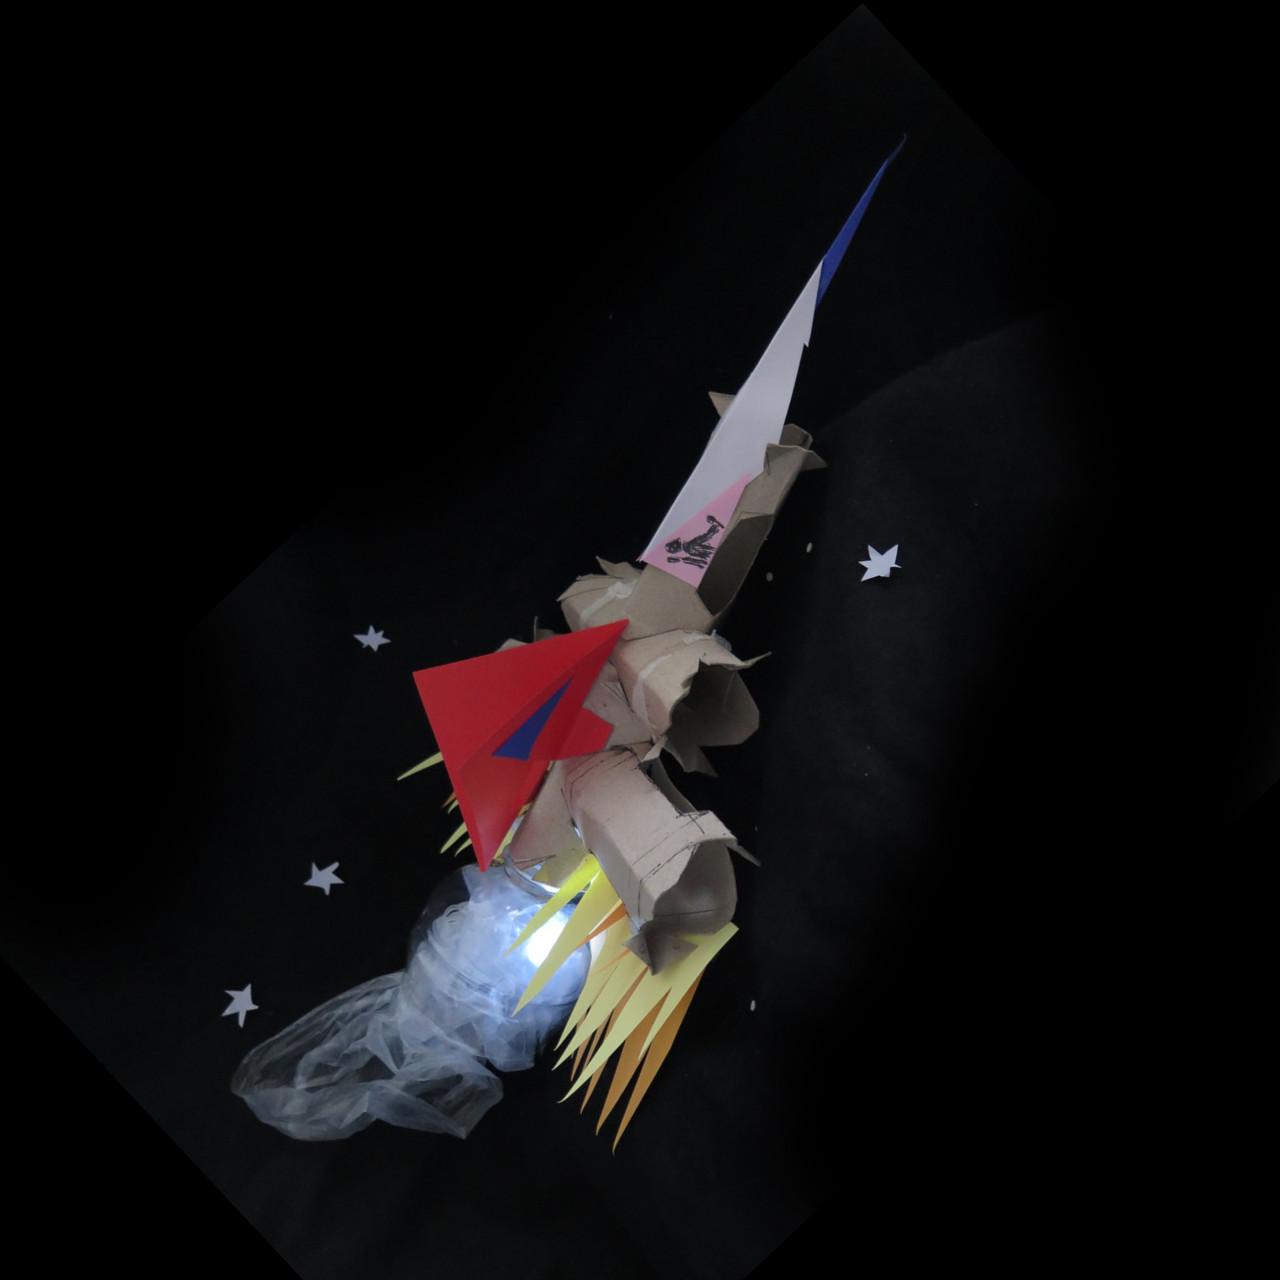 Gloeibots-Egbert-Pikkemaat-OrbitFest-2